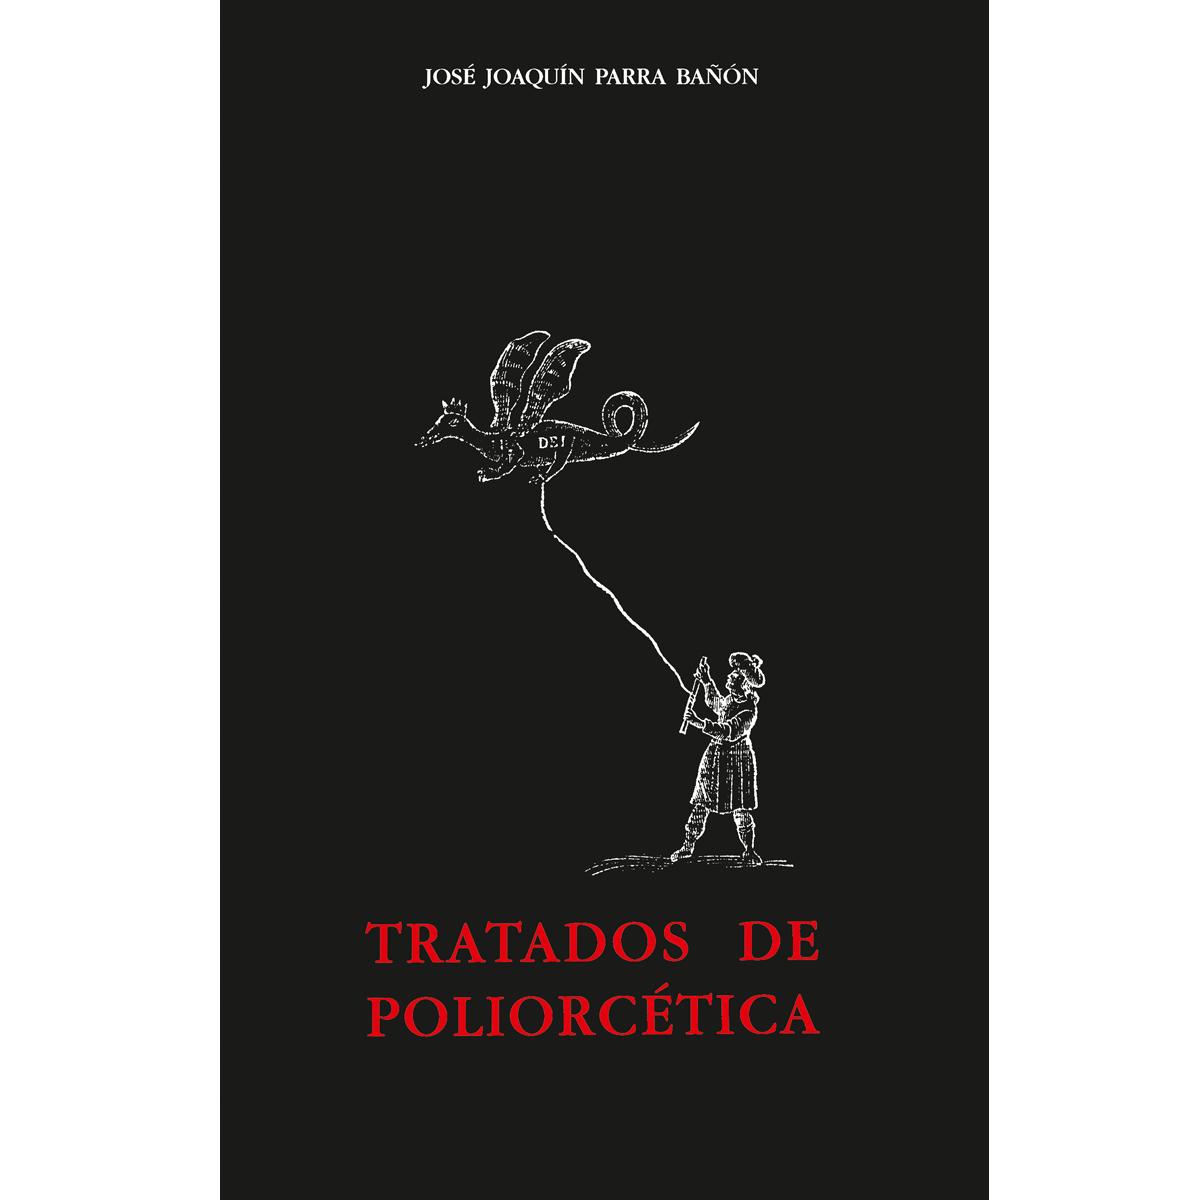 Tratados de poliorcética